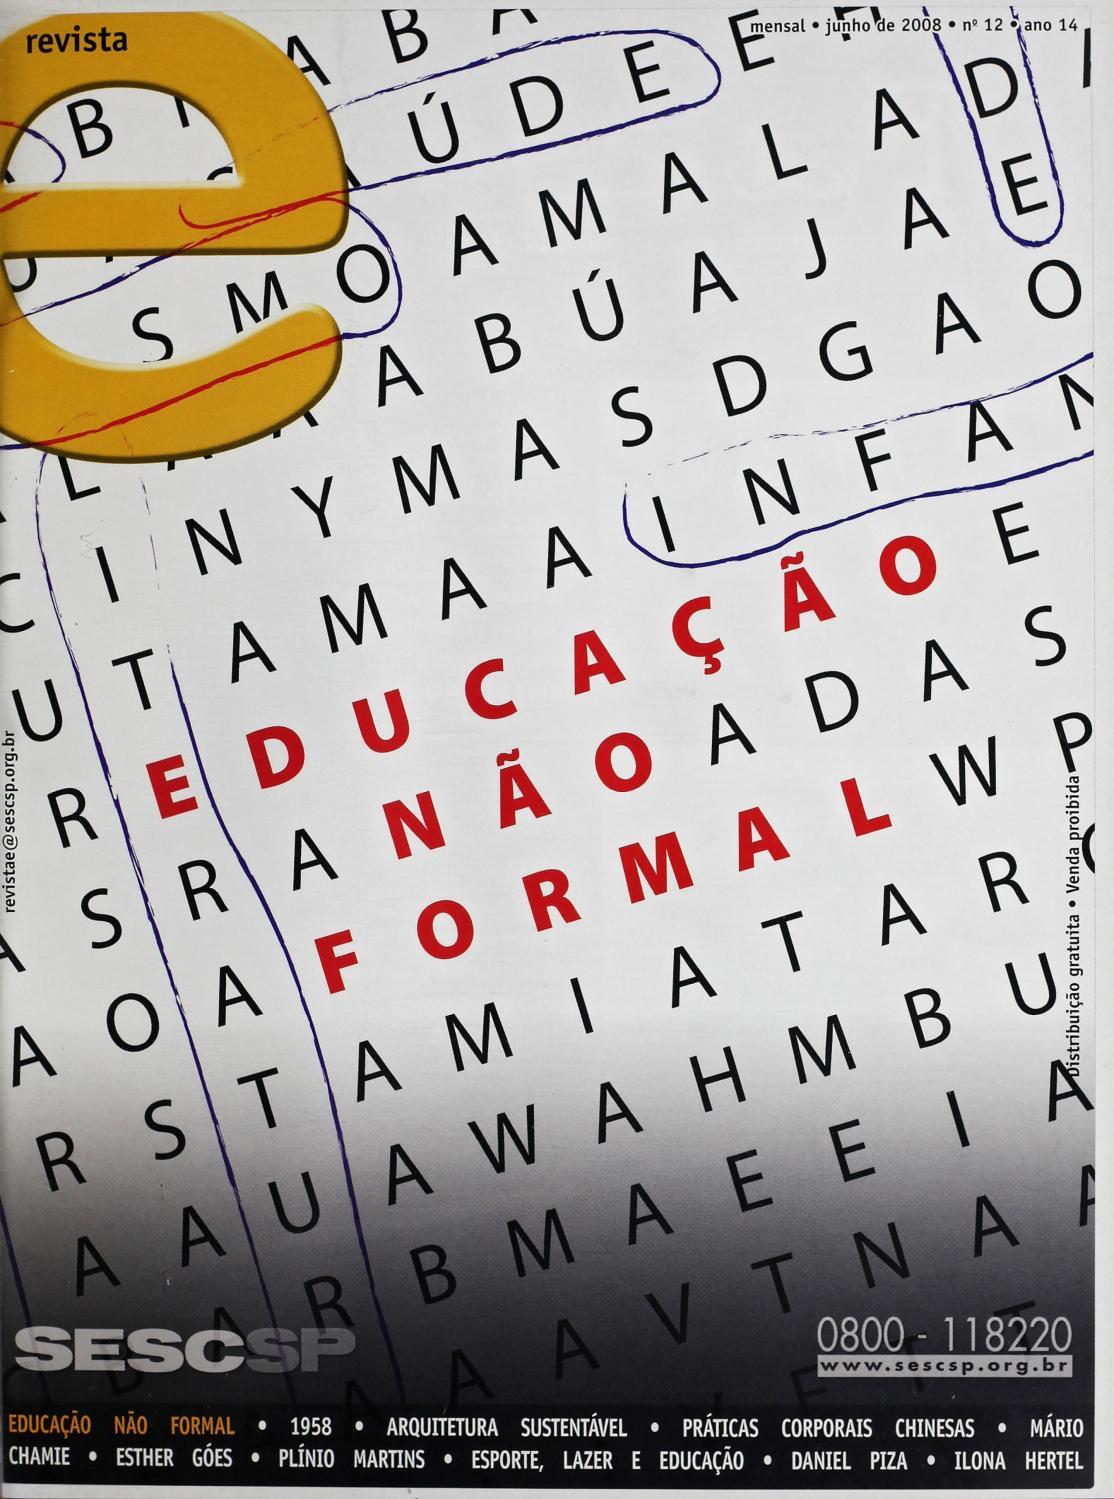 Revista E - Junho de 2008 - ANO 14 - Nº 12 by Sesc em São Paulo - issuu 8b40faf1aadf8